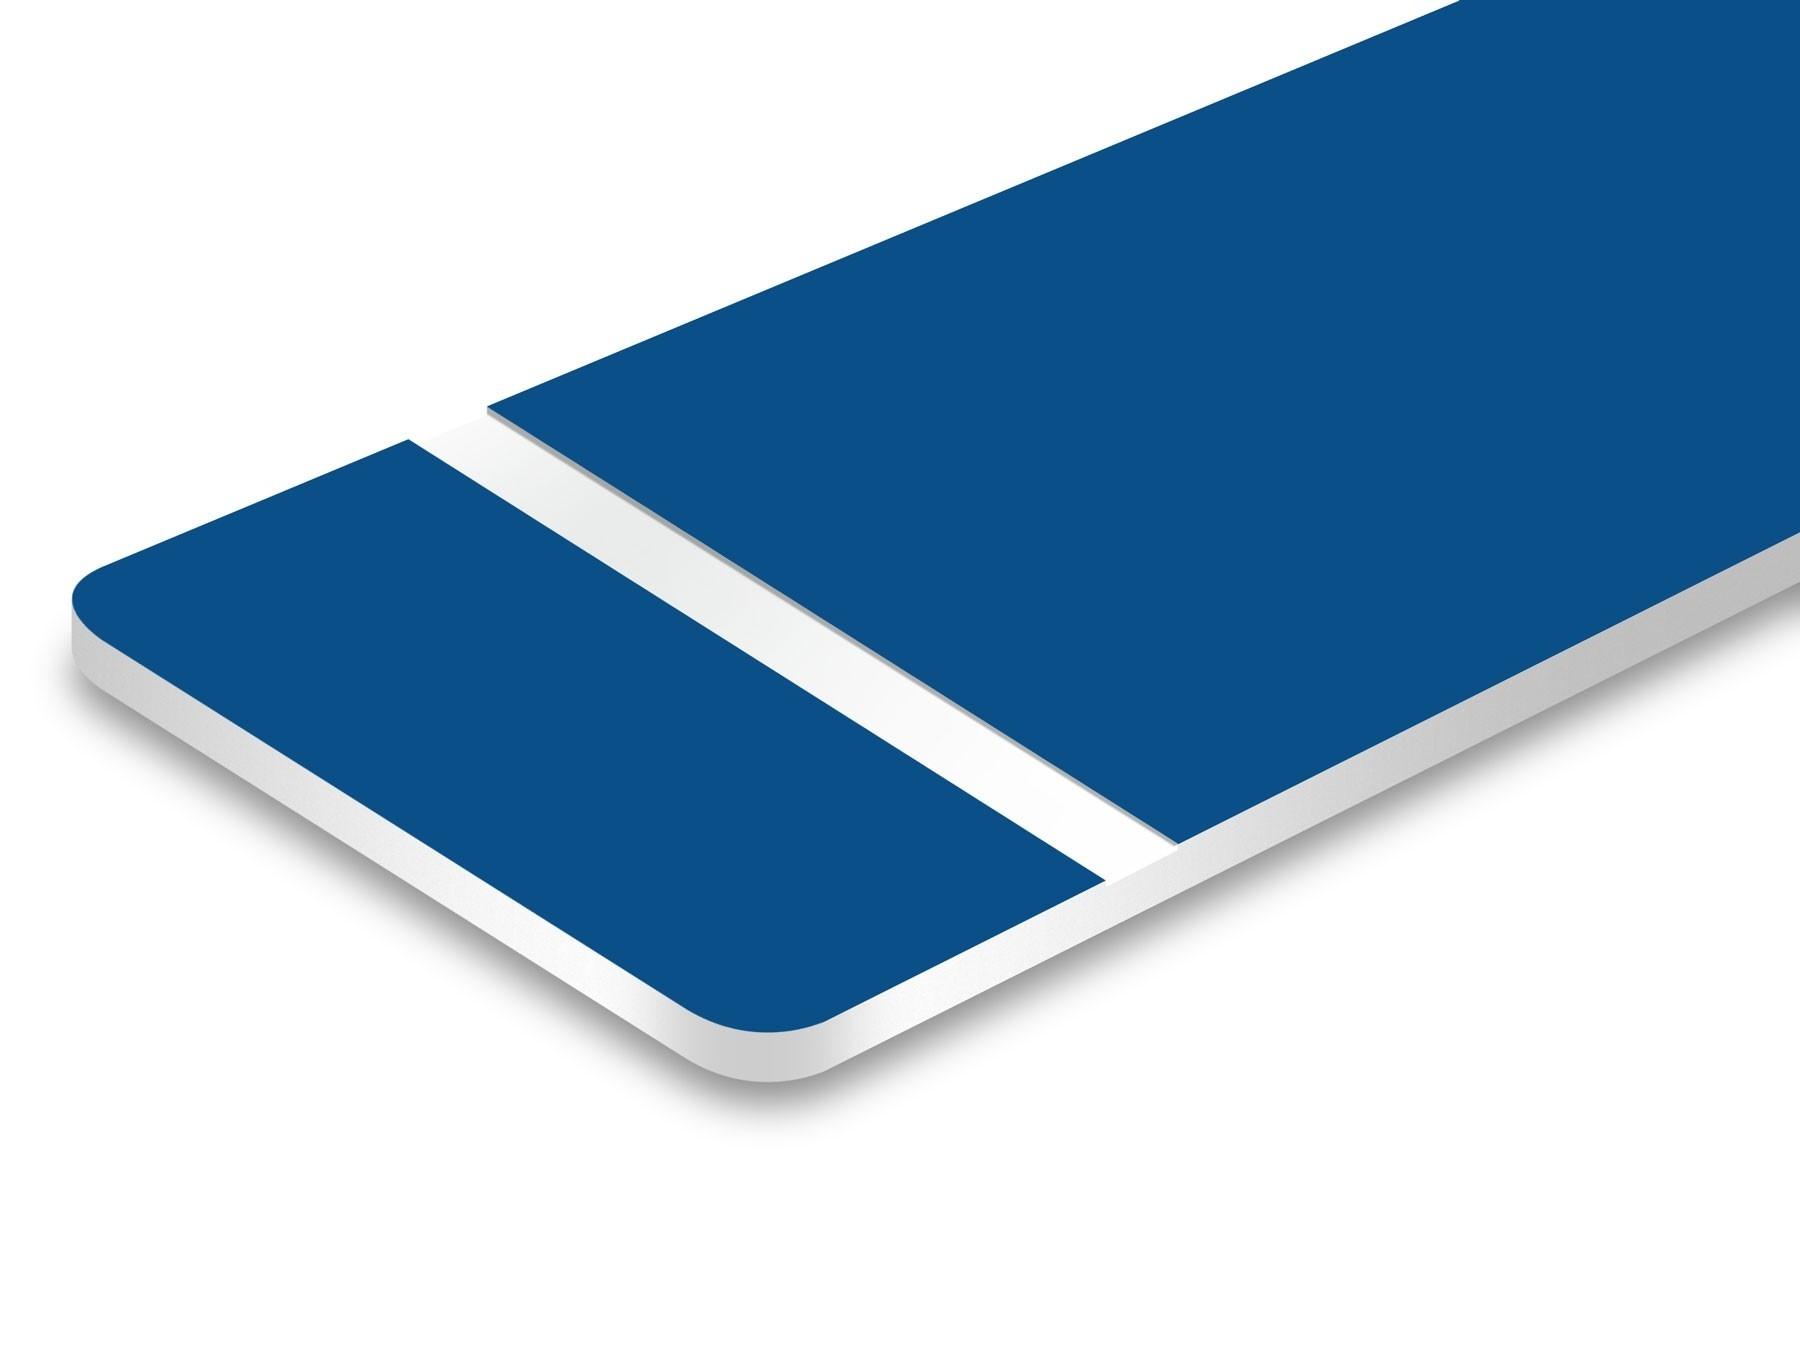 TroLase, Blue/white, 2ply, 0.8 mm